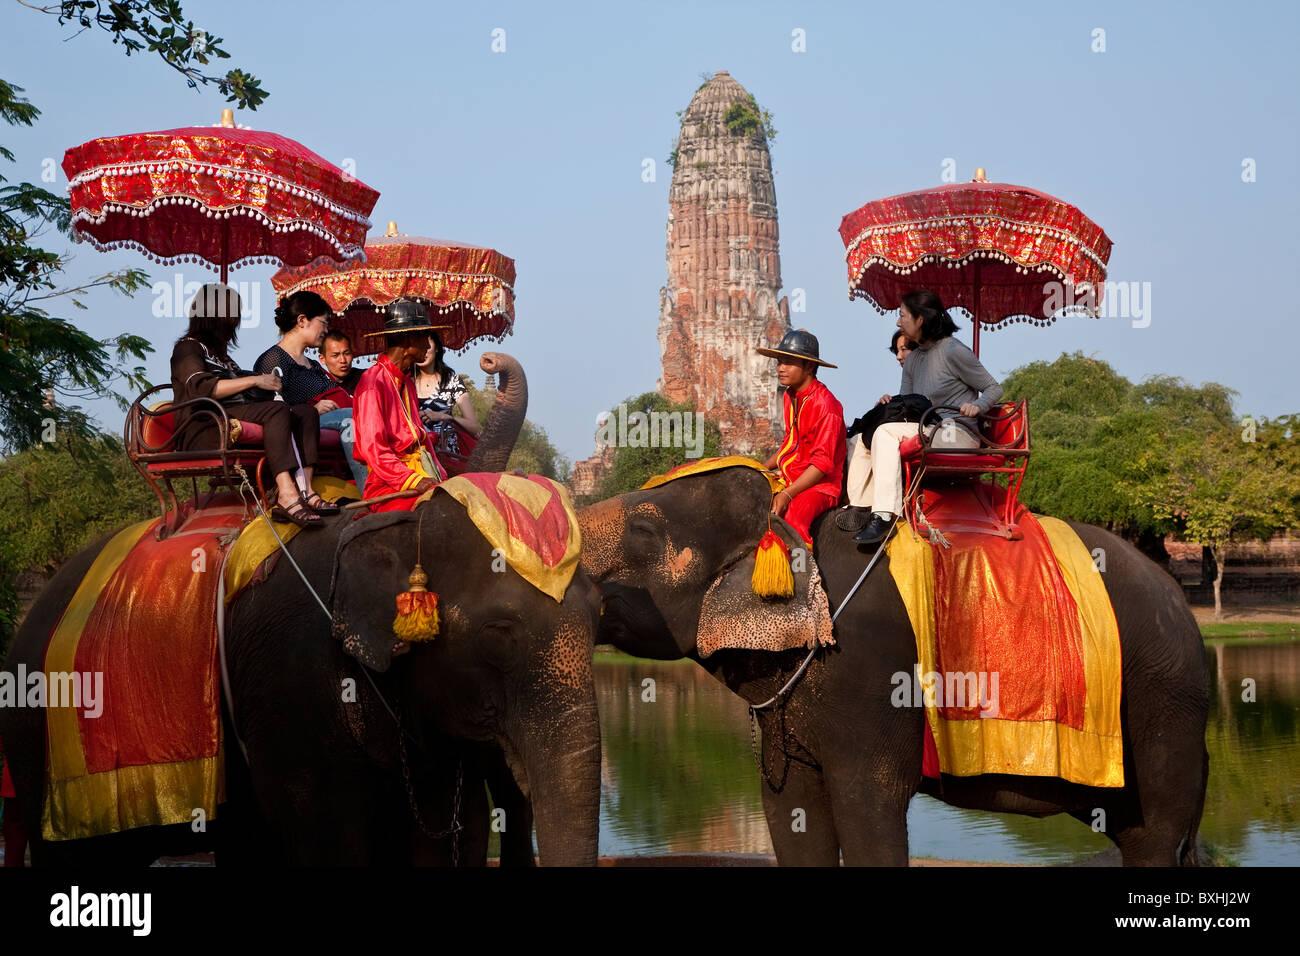 Des promenades touristiques éléphant, Ayutthaya, Thaïlande Photo Stock